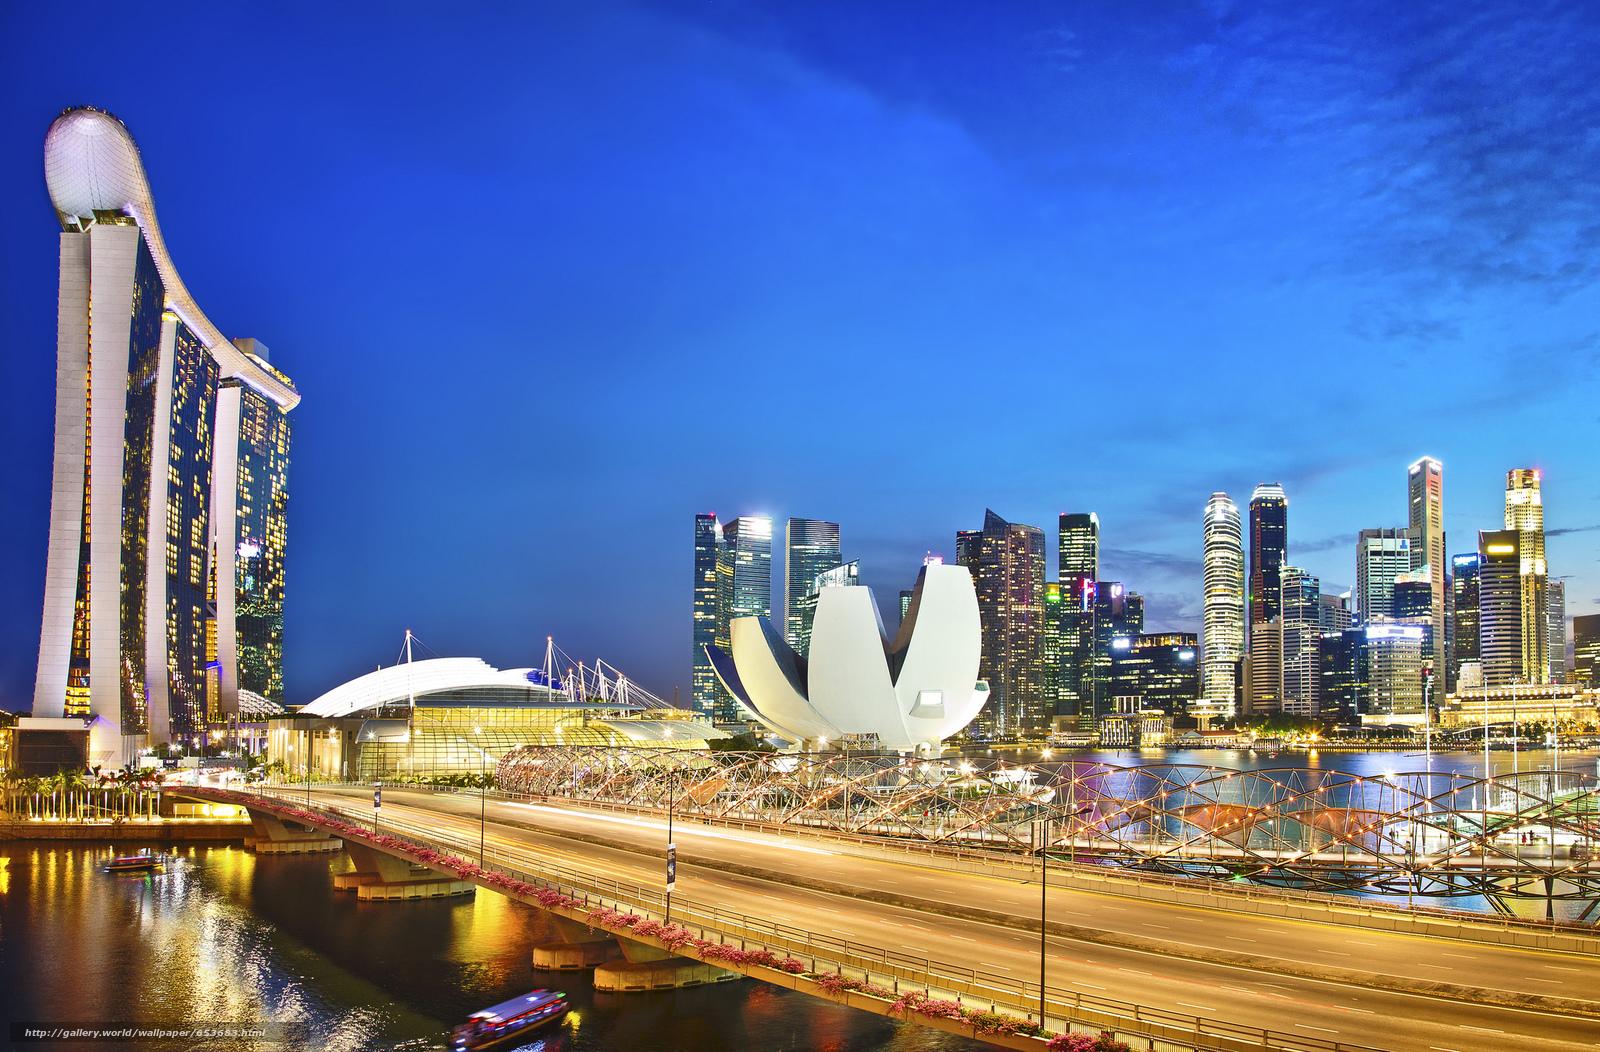 Скачать обои Сингапур,  Singapore,  город бесплатно для рабочего стола в разрешении 2048x1347 — картинка №653683